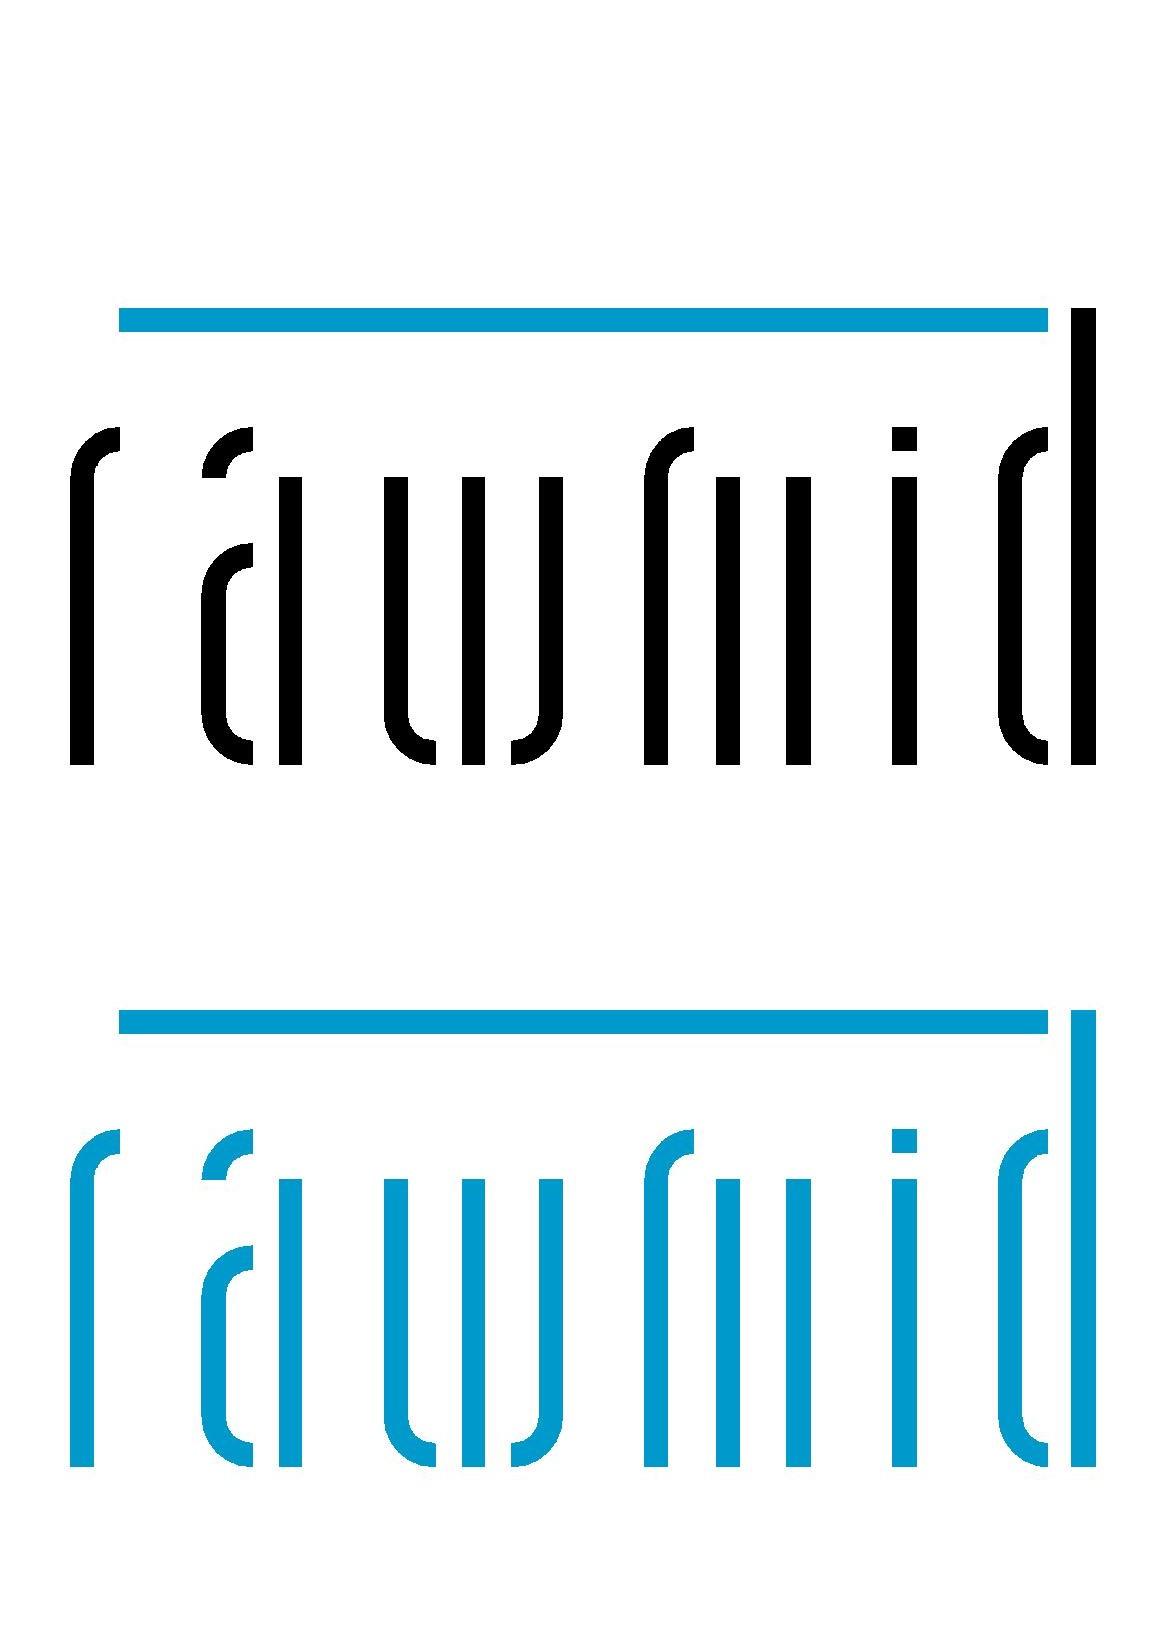 Создать логотип (буквенная часть) для бренда бытовой техники фото f_1035b3b48817fbb5.jpg